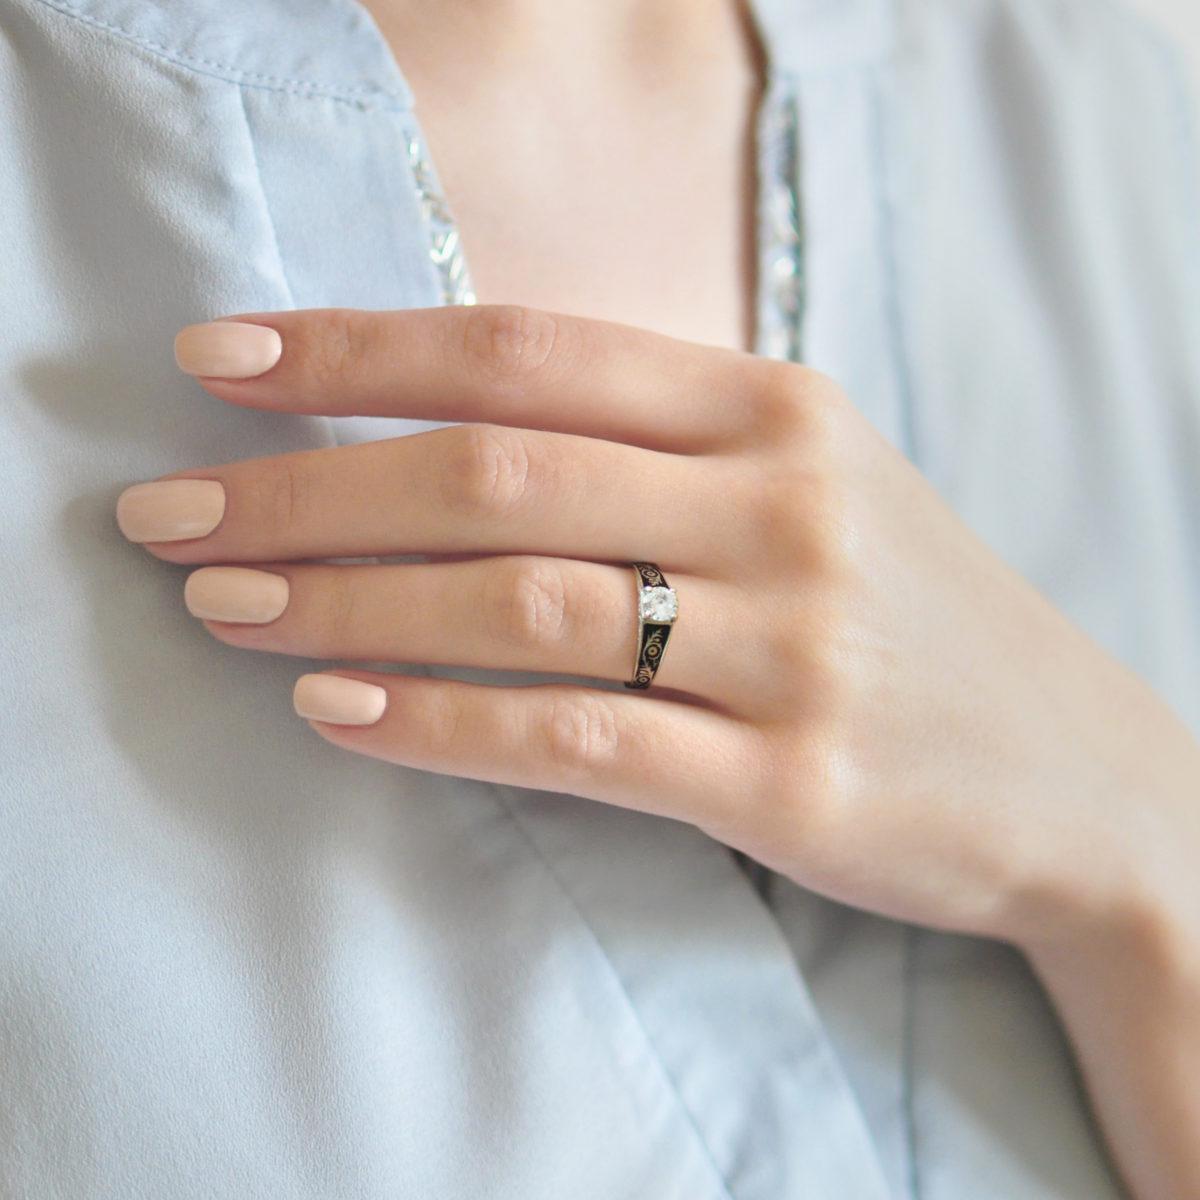 Serebro fioletovaya 6 1200x1200 - Перстень серебряный «Спас на крови», фиолетовый с фианитами